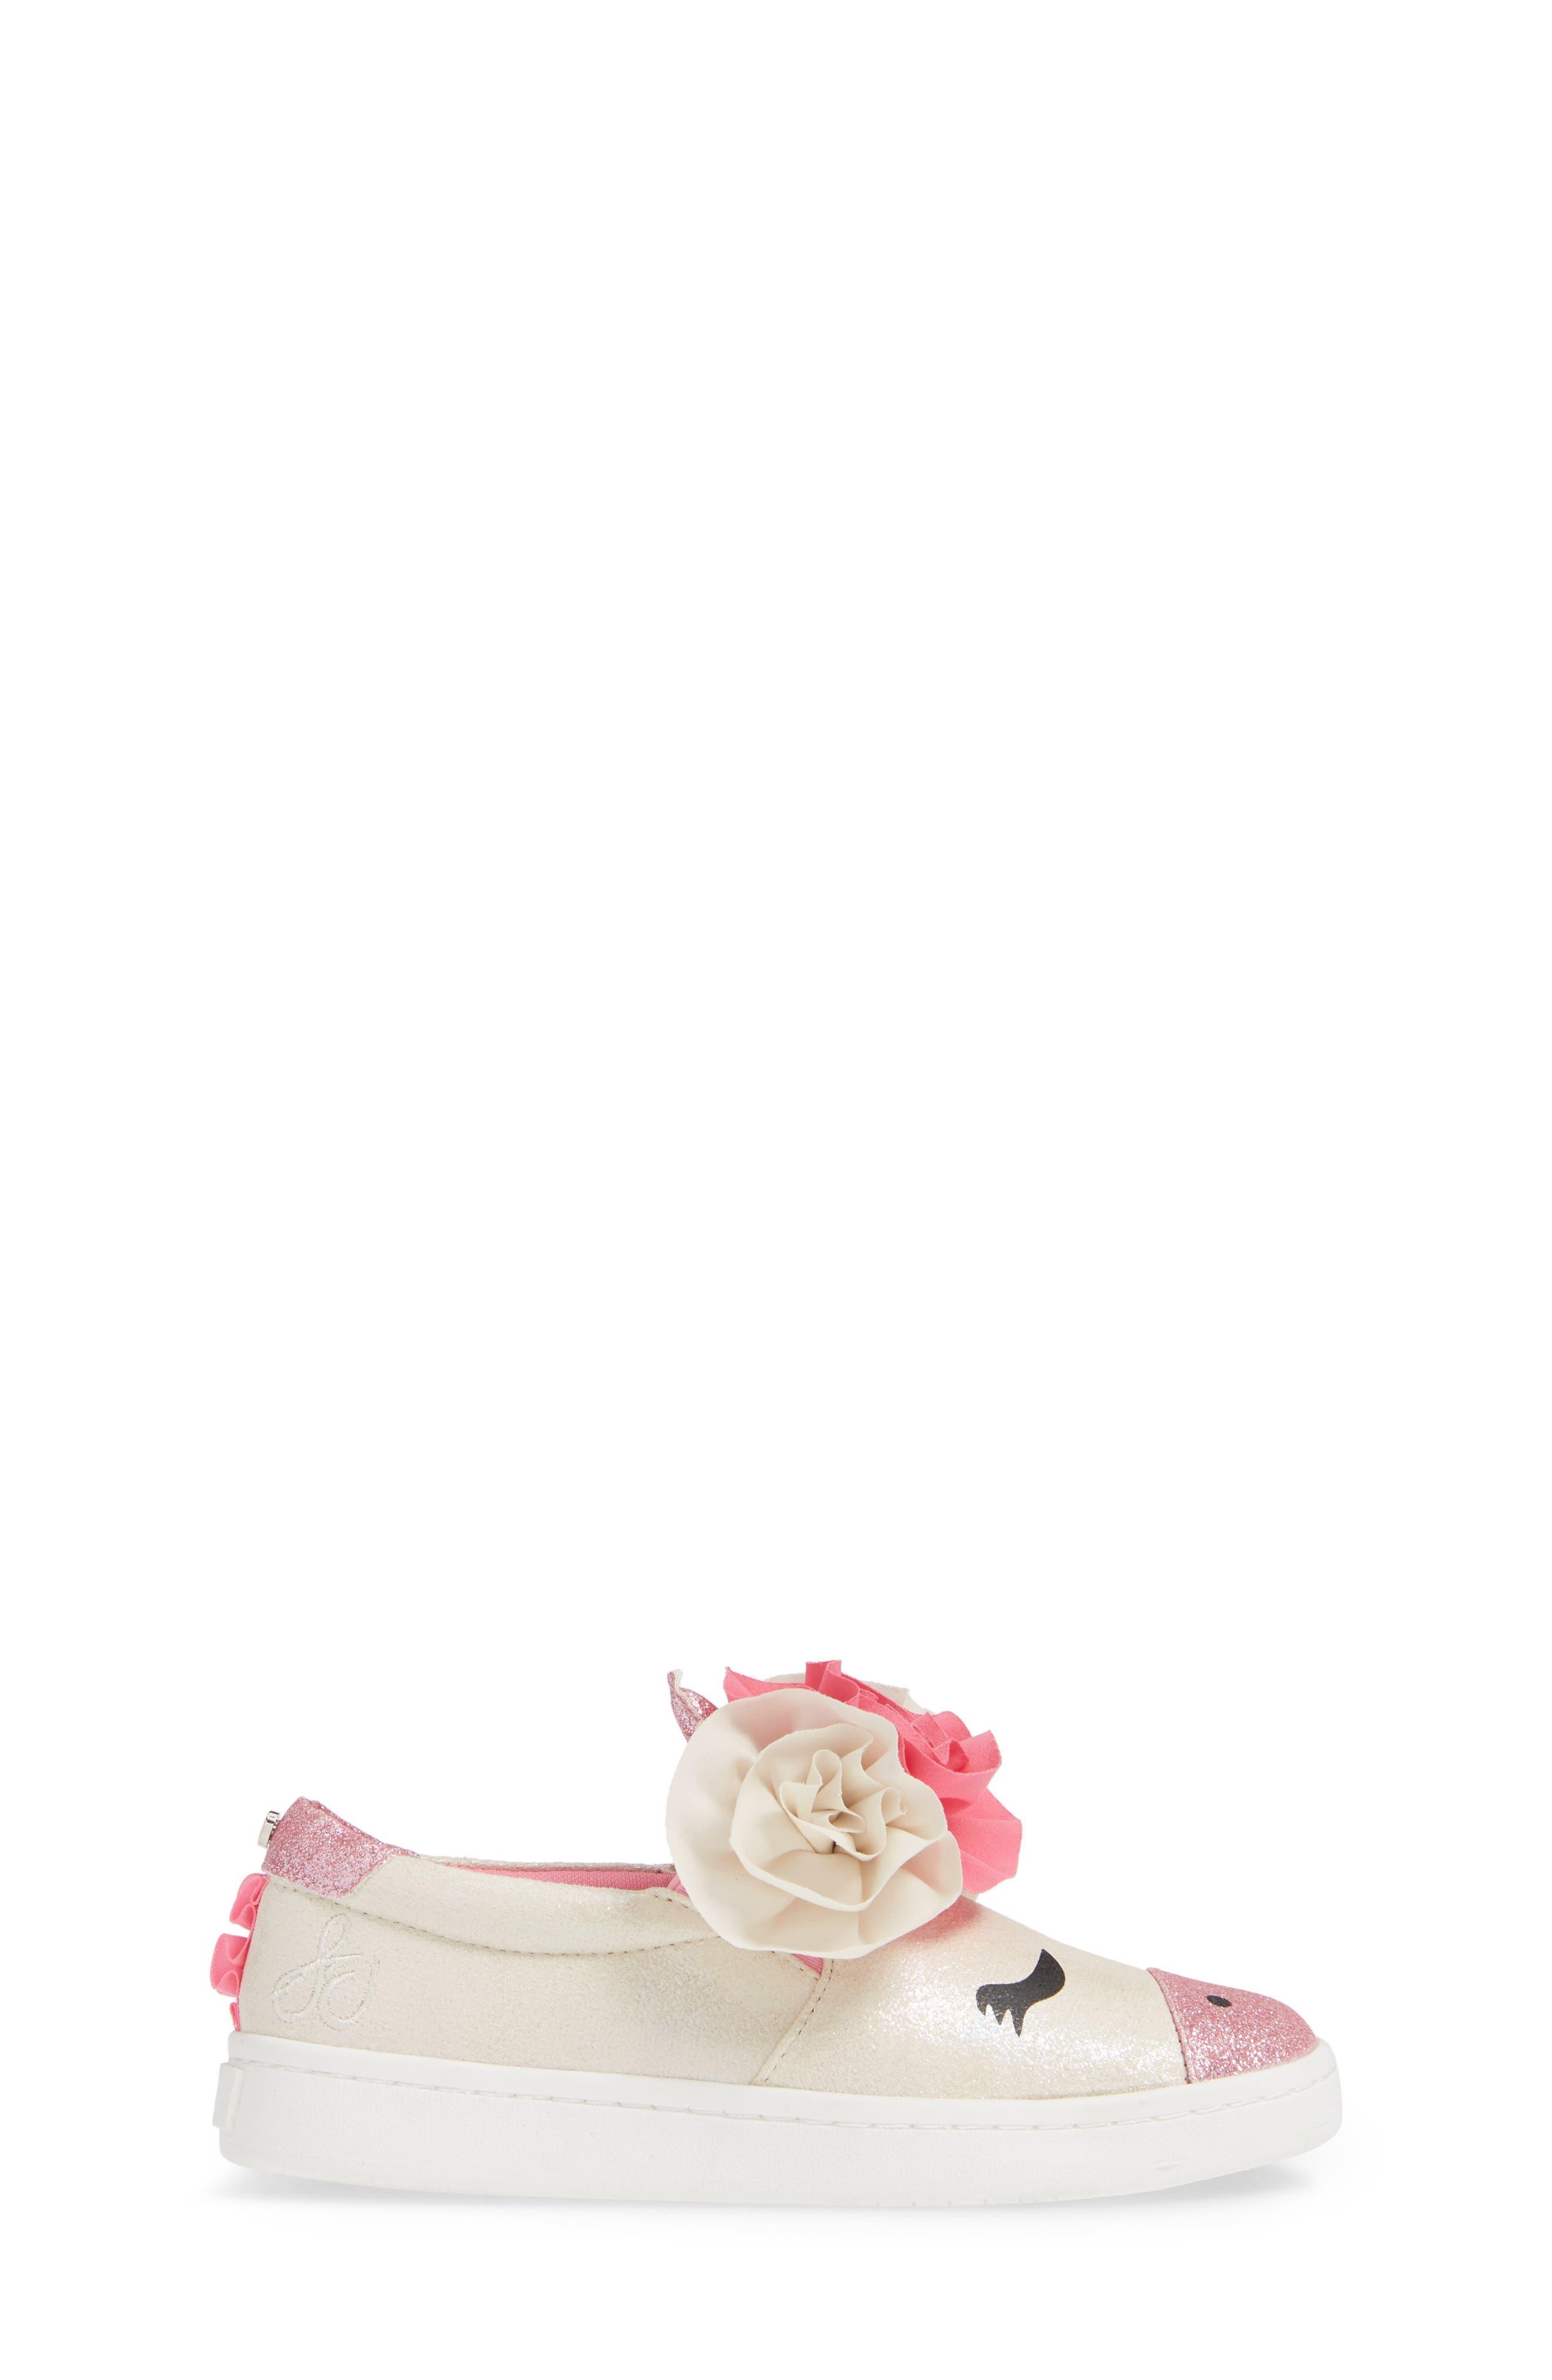 Blane Unicorn Slip-On Sneaker,                             Alternate thumbnail 3, color,                             WHITE SHIMMER